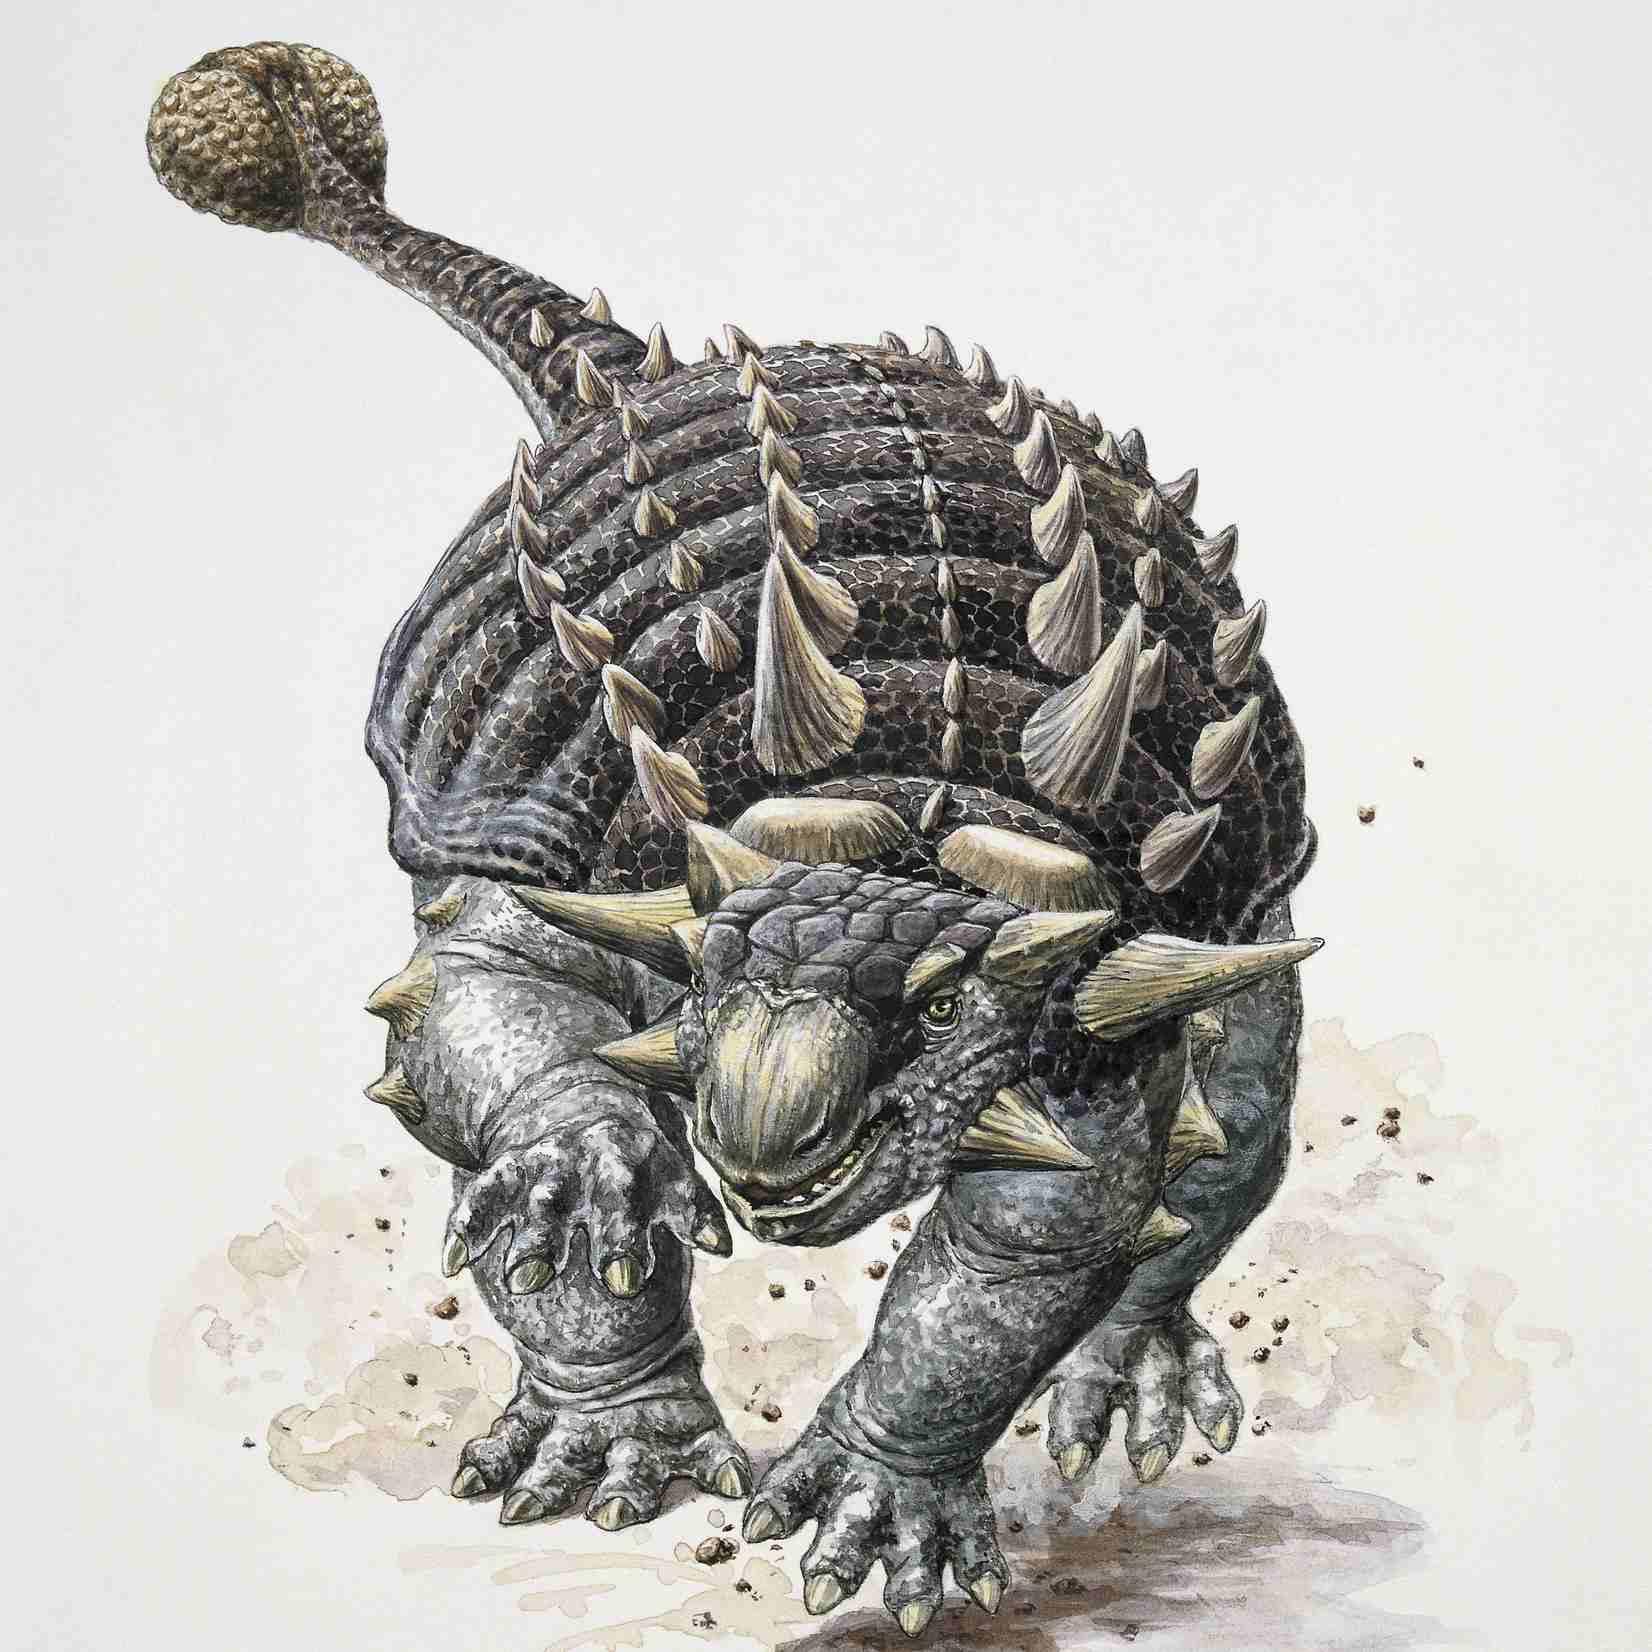 анкилозавр рисунок